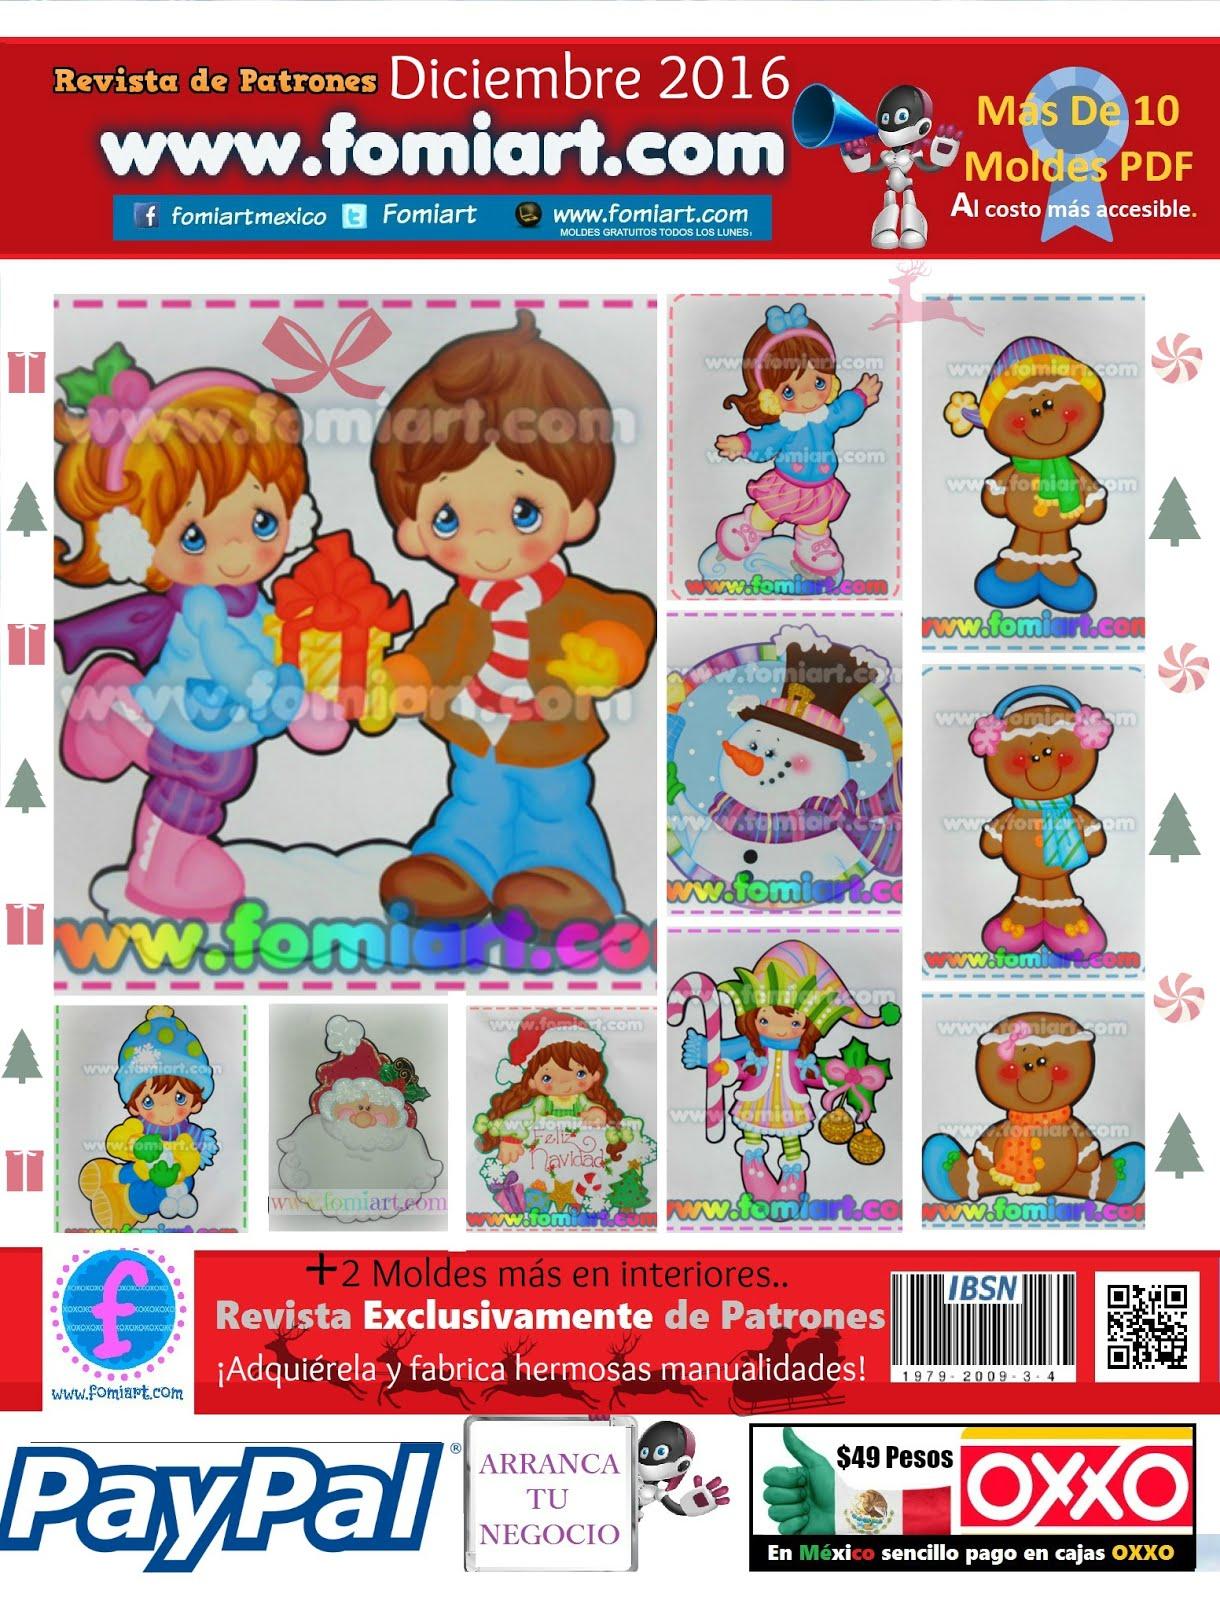 Revista de Moldes Diciembre Fomiart 2